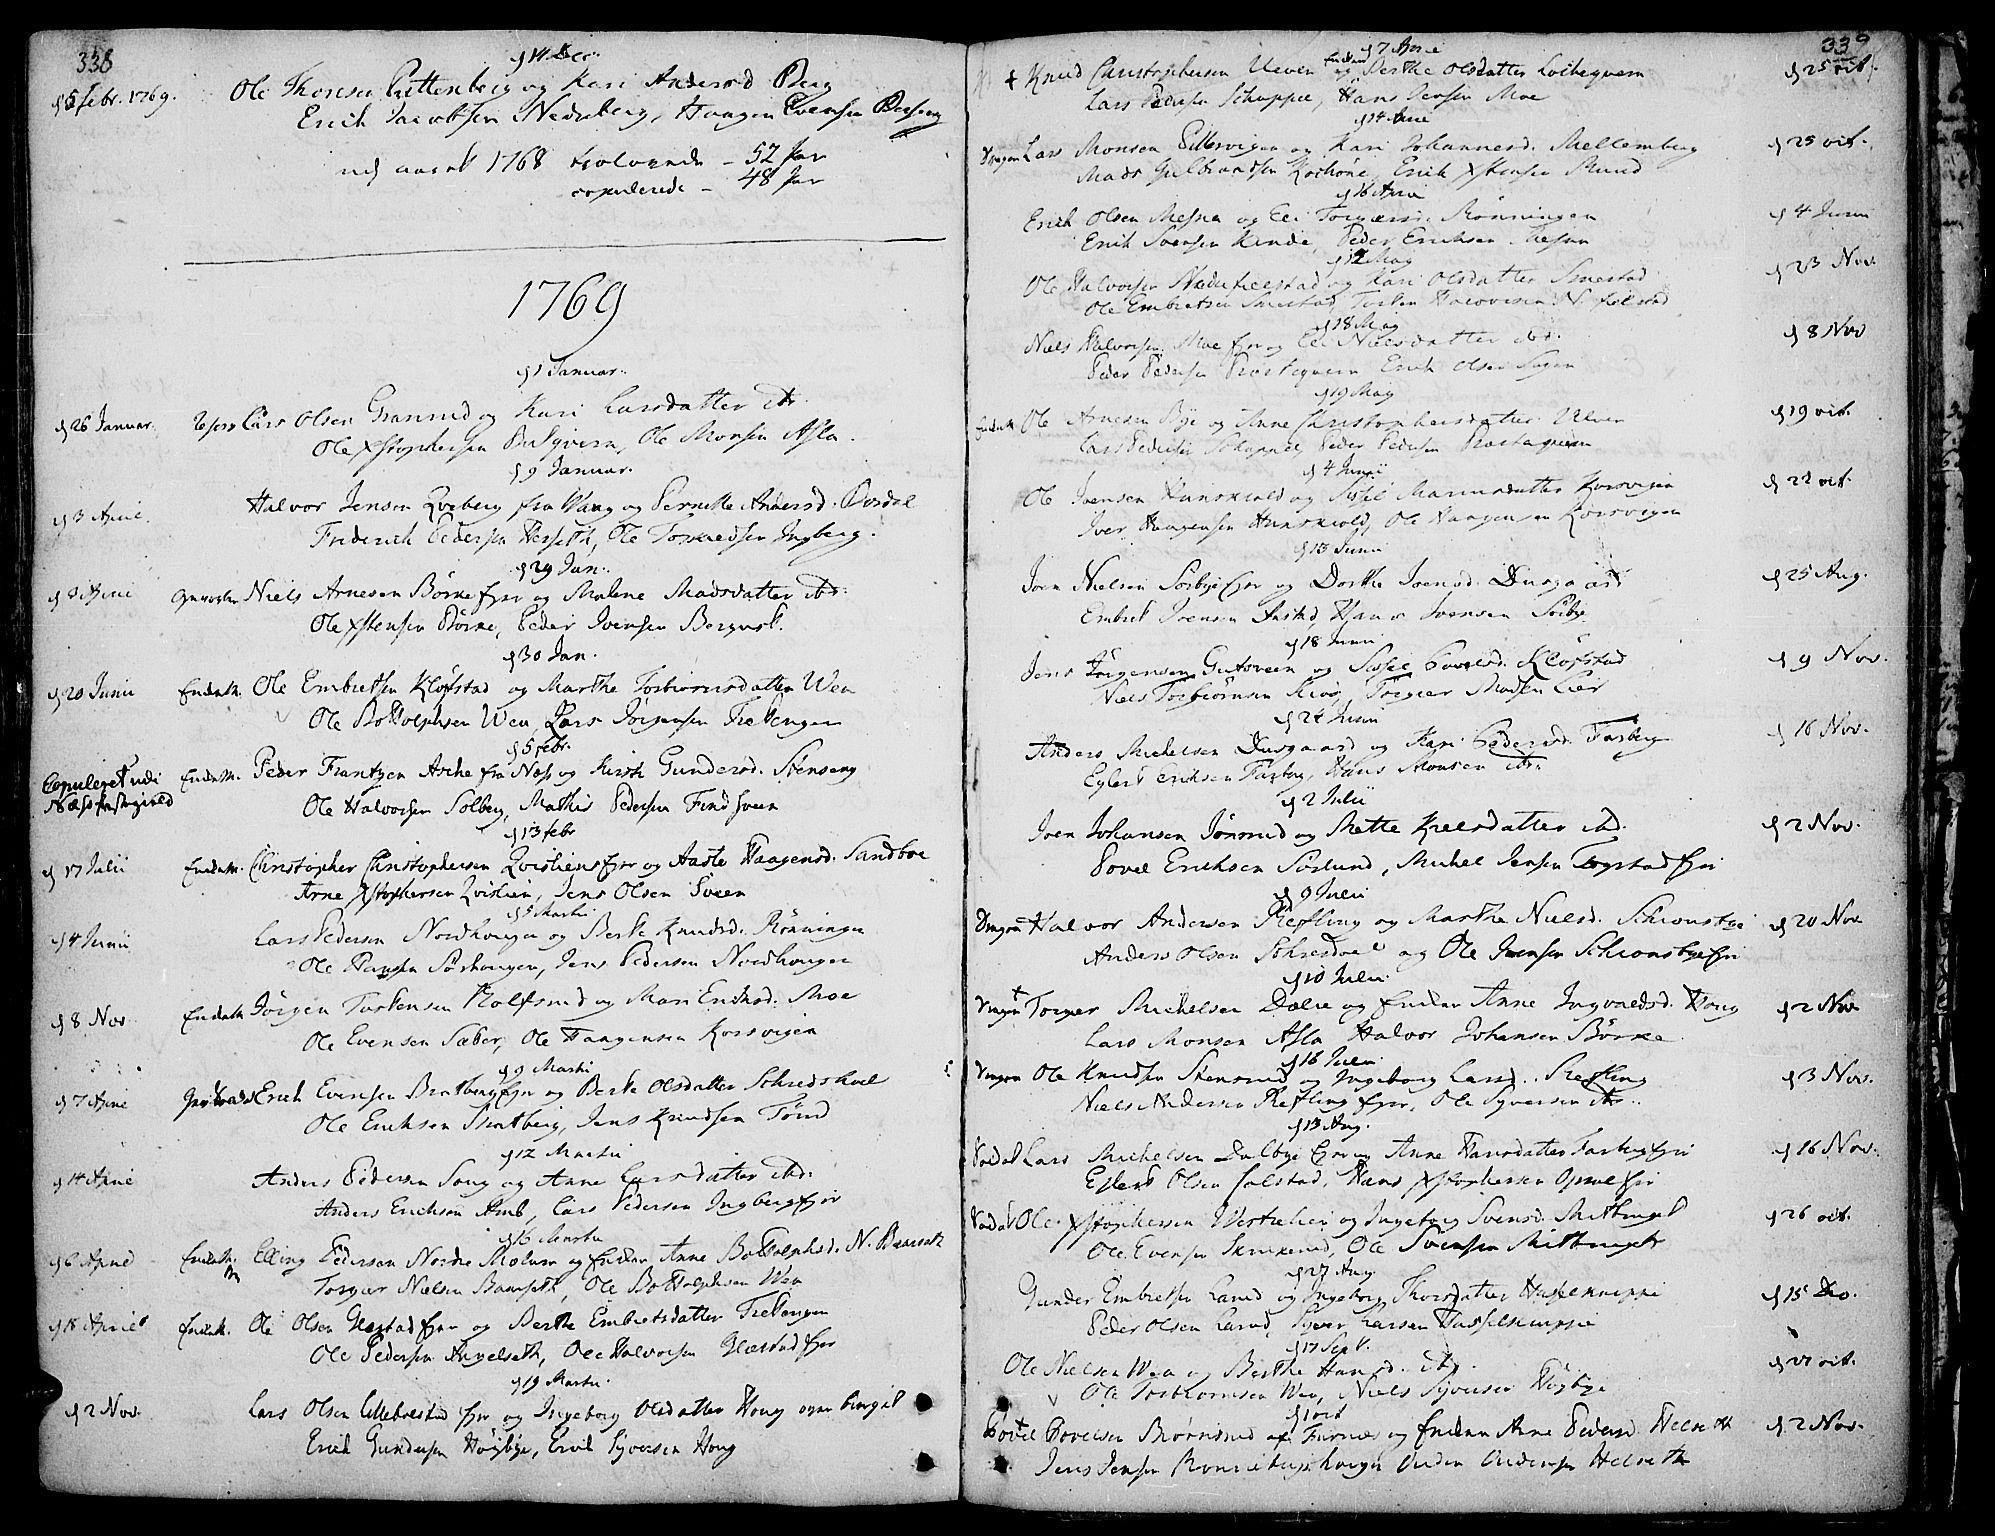 SAH, Ringsaker prestekontor, K/Ka/L0002: Ministerialbok nr. 2, 1747-1774, s. 338-339